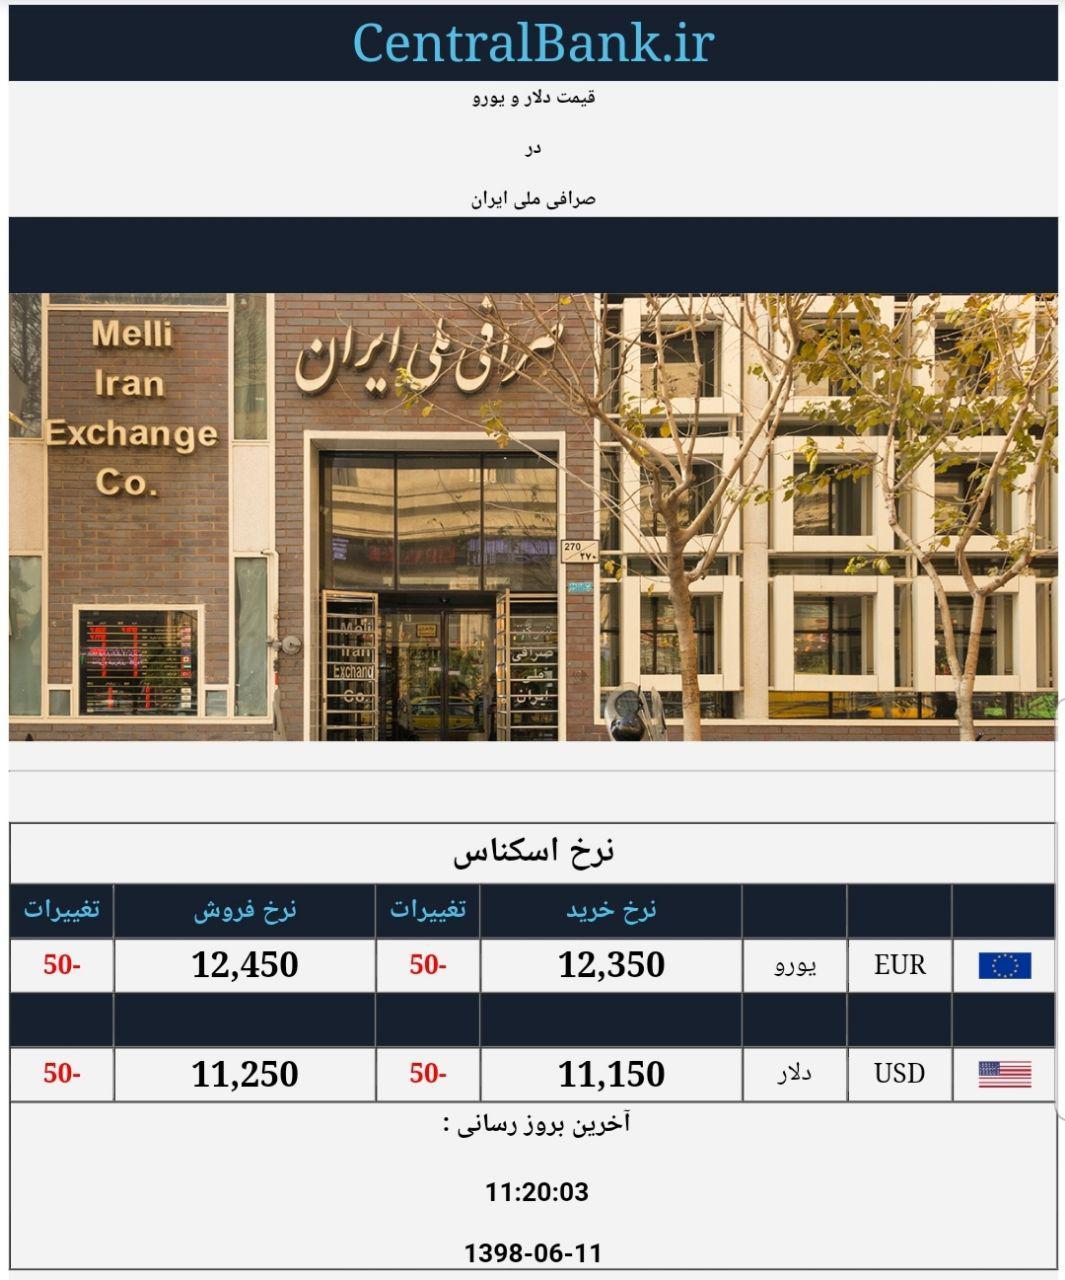 قیمت دلار و یورو در صرافی ملی امروز 11 شهریور 98